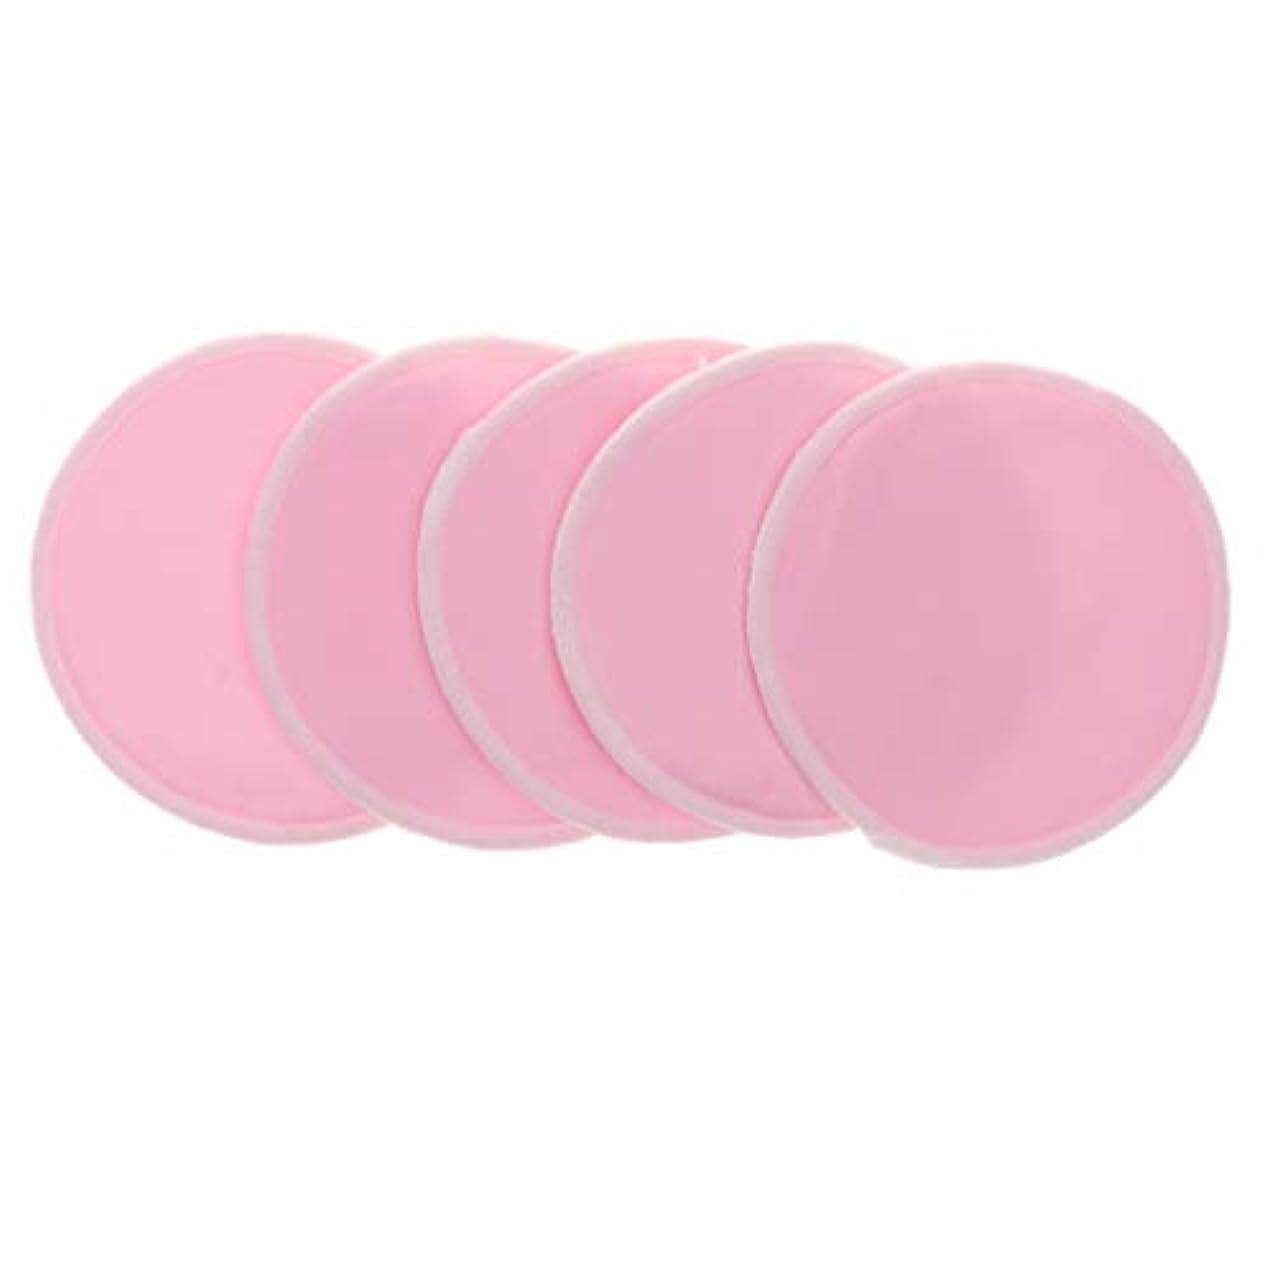 残基定期的忍耐胸パッド クレンジングシート メイクアップ 竹繊維 円形 12cm 洗濯可能 再使用可 5個 全5色 - ピンク